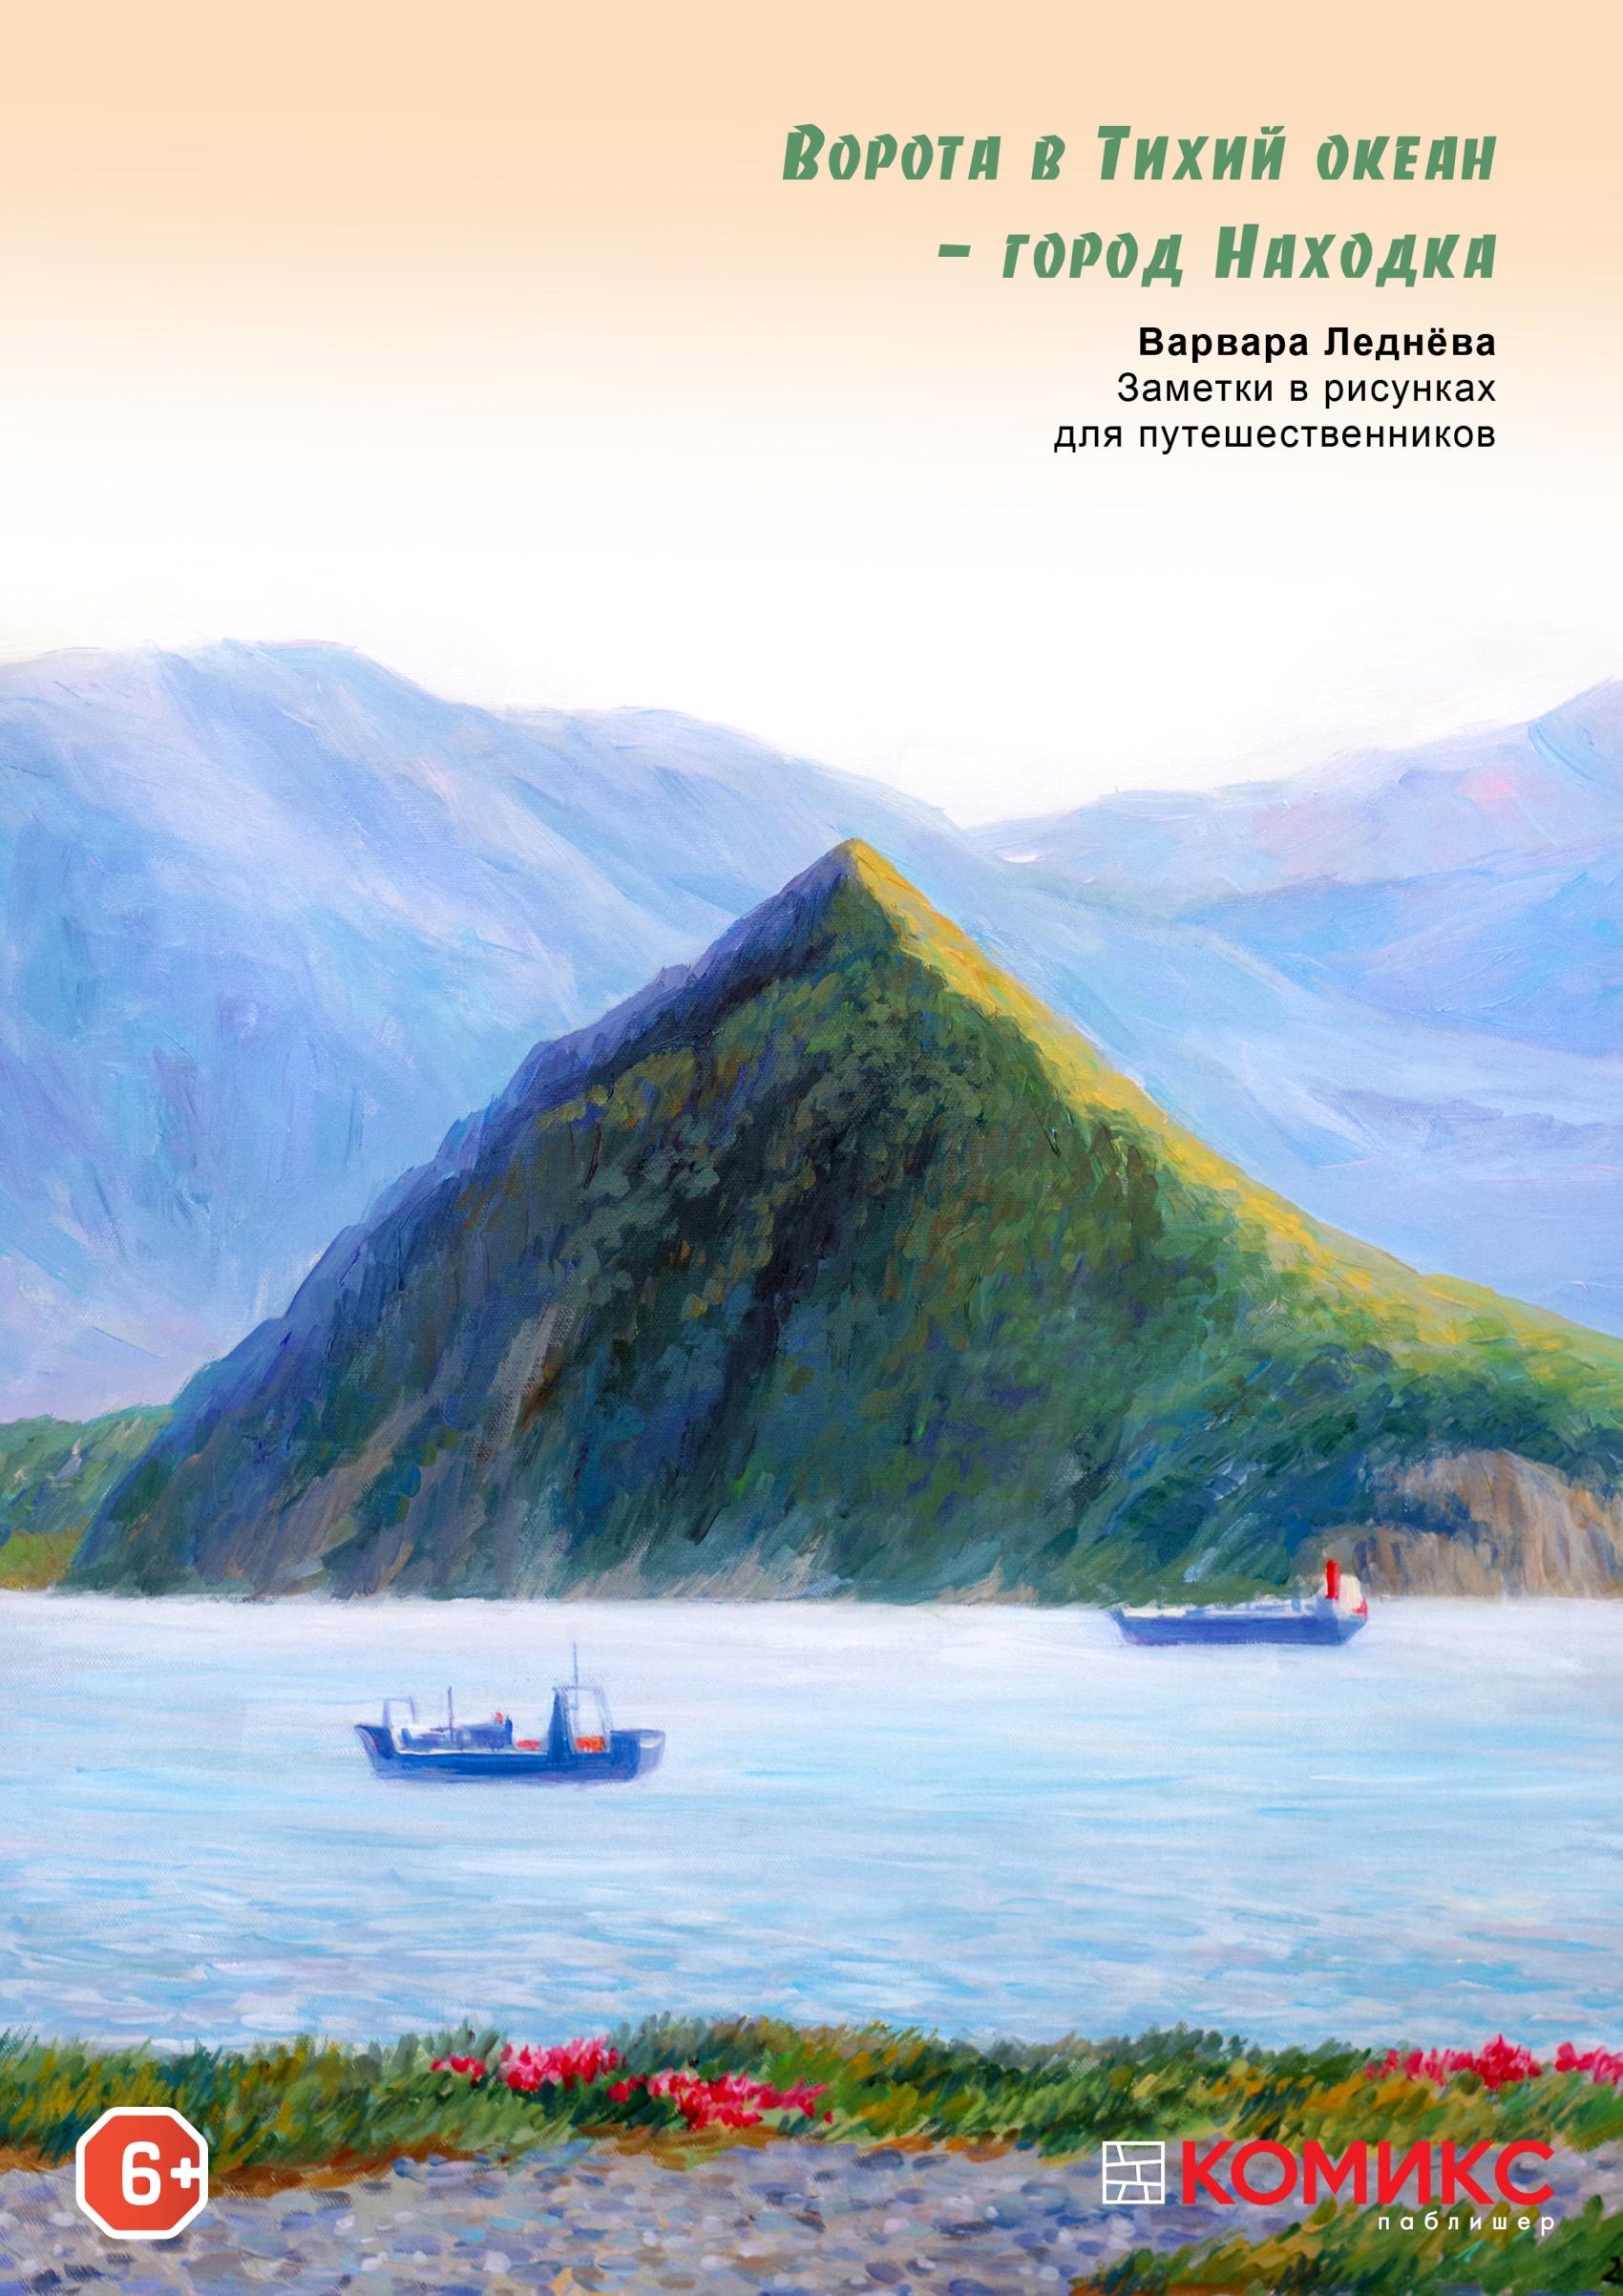 Купить книгу Ворота в Тихий океан – город Находка, автора Варвары Леднёвой